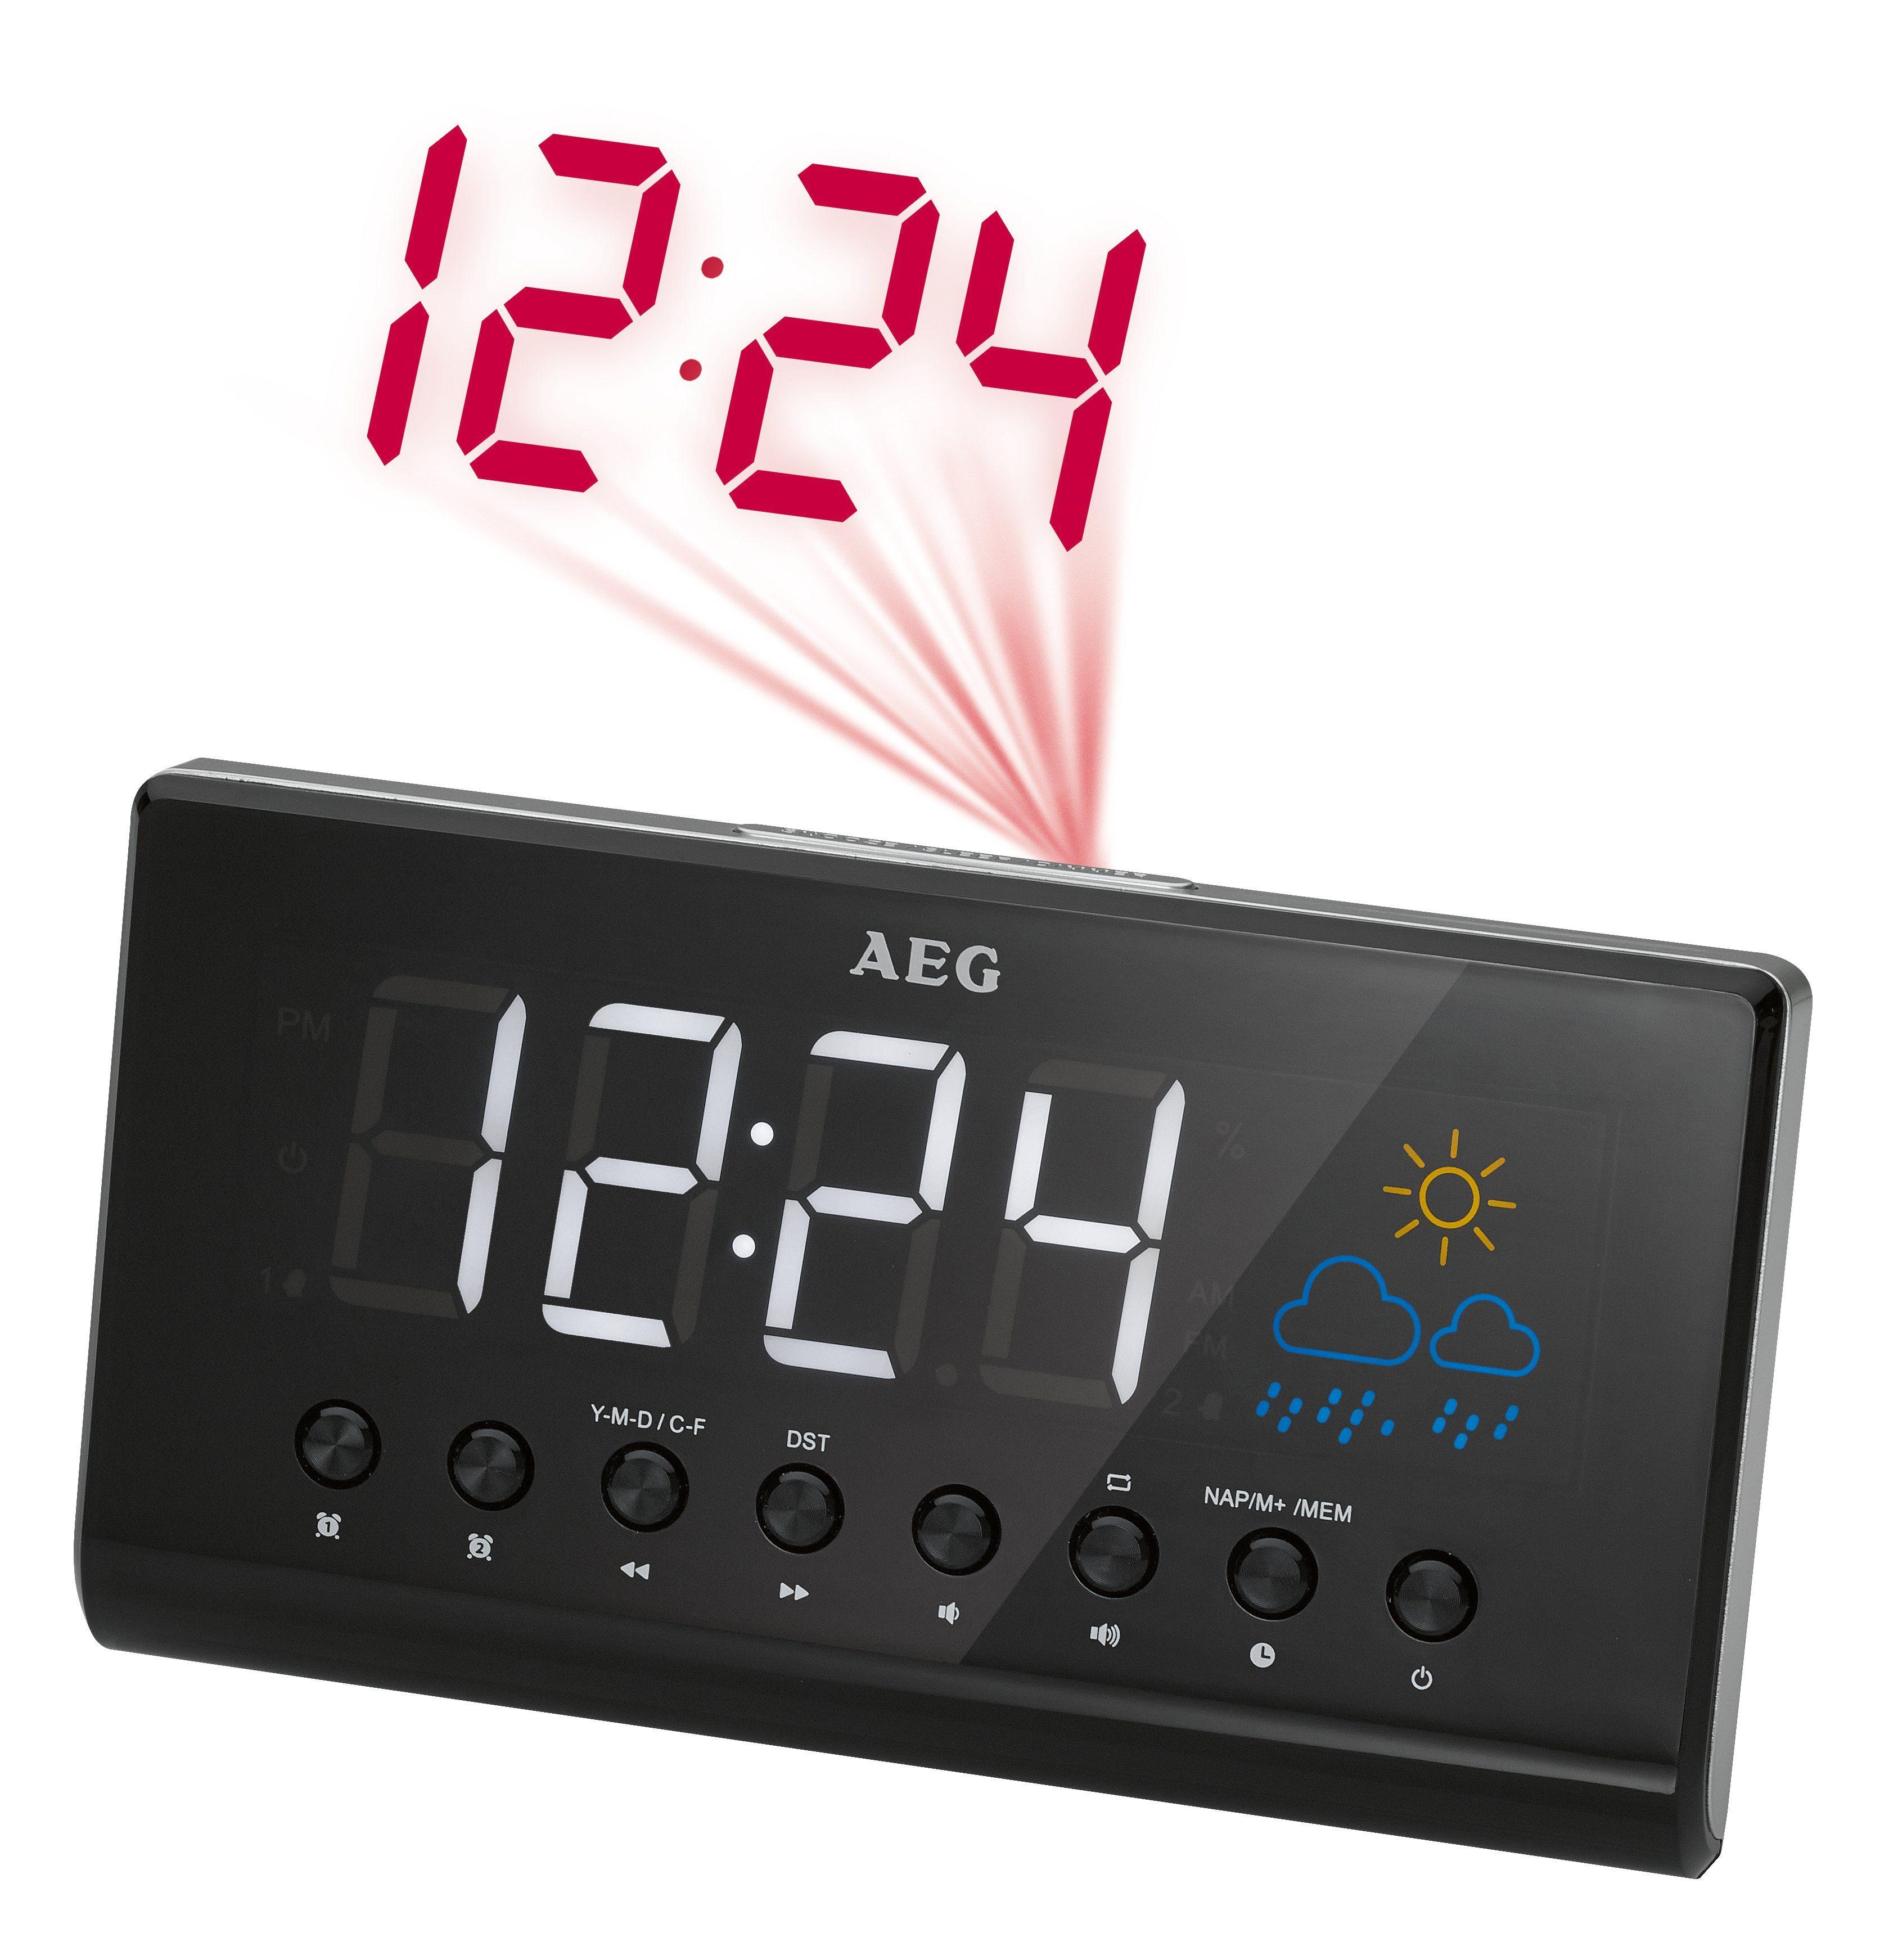 AEG Uhrenradio mit Zeitprojektion & Einschlafautomatik »MRC 4141 P«